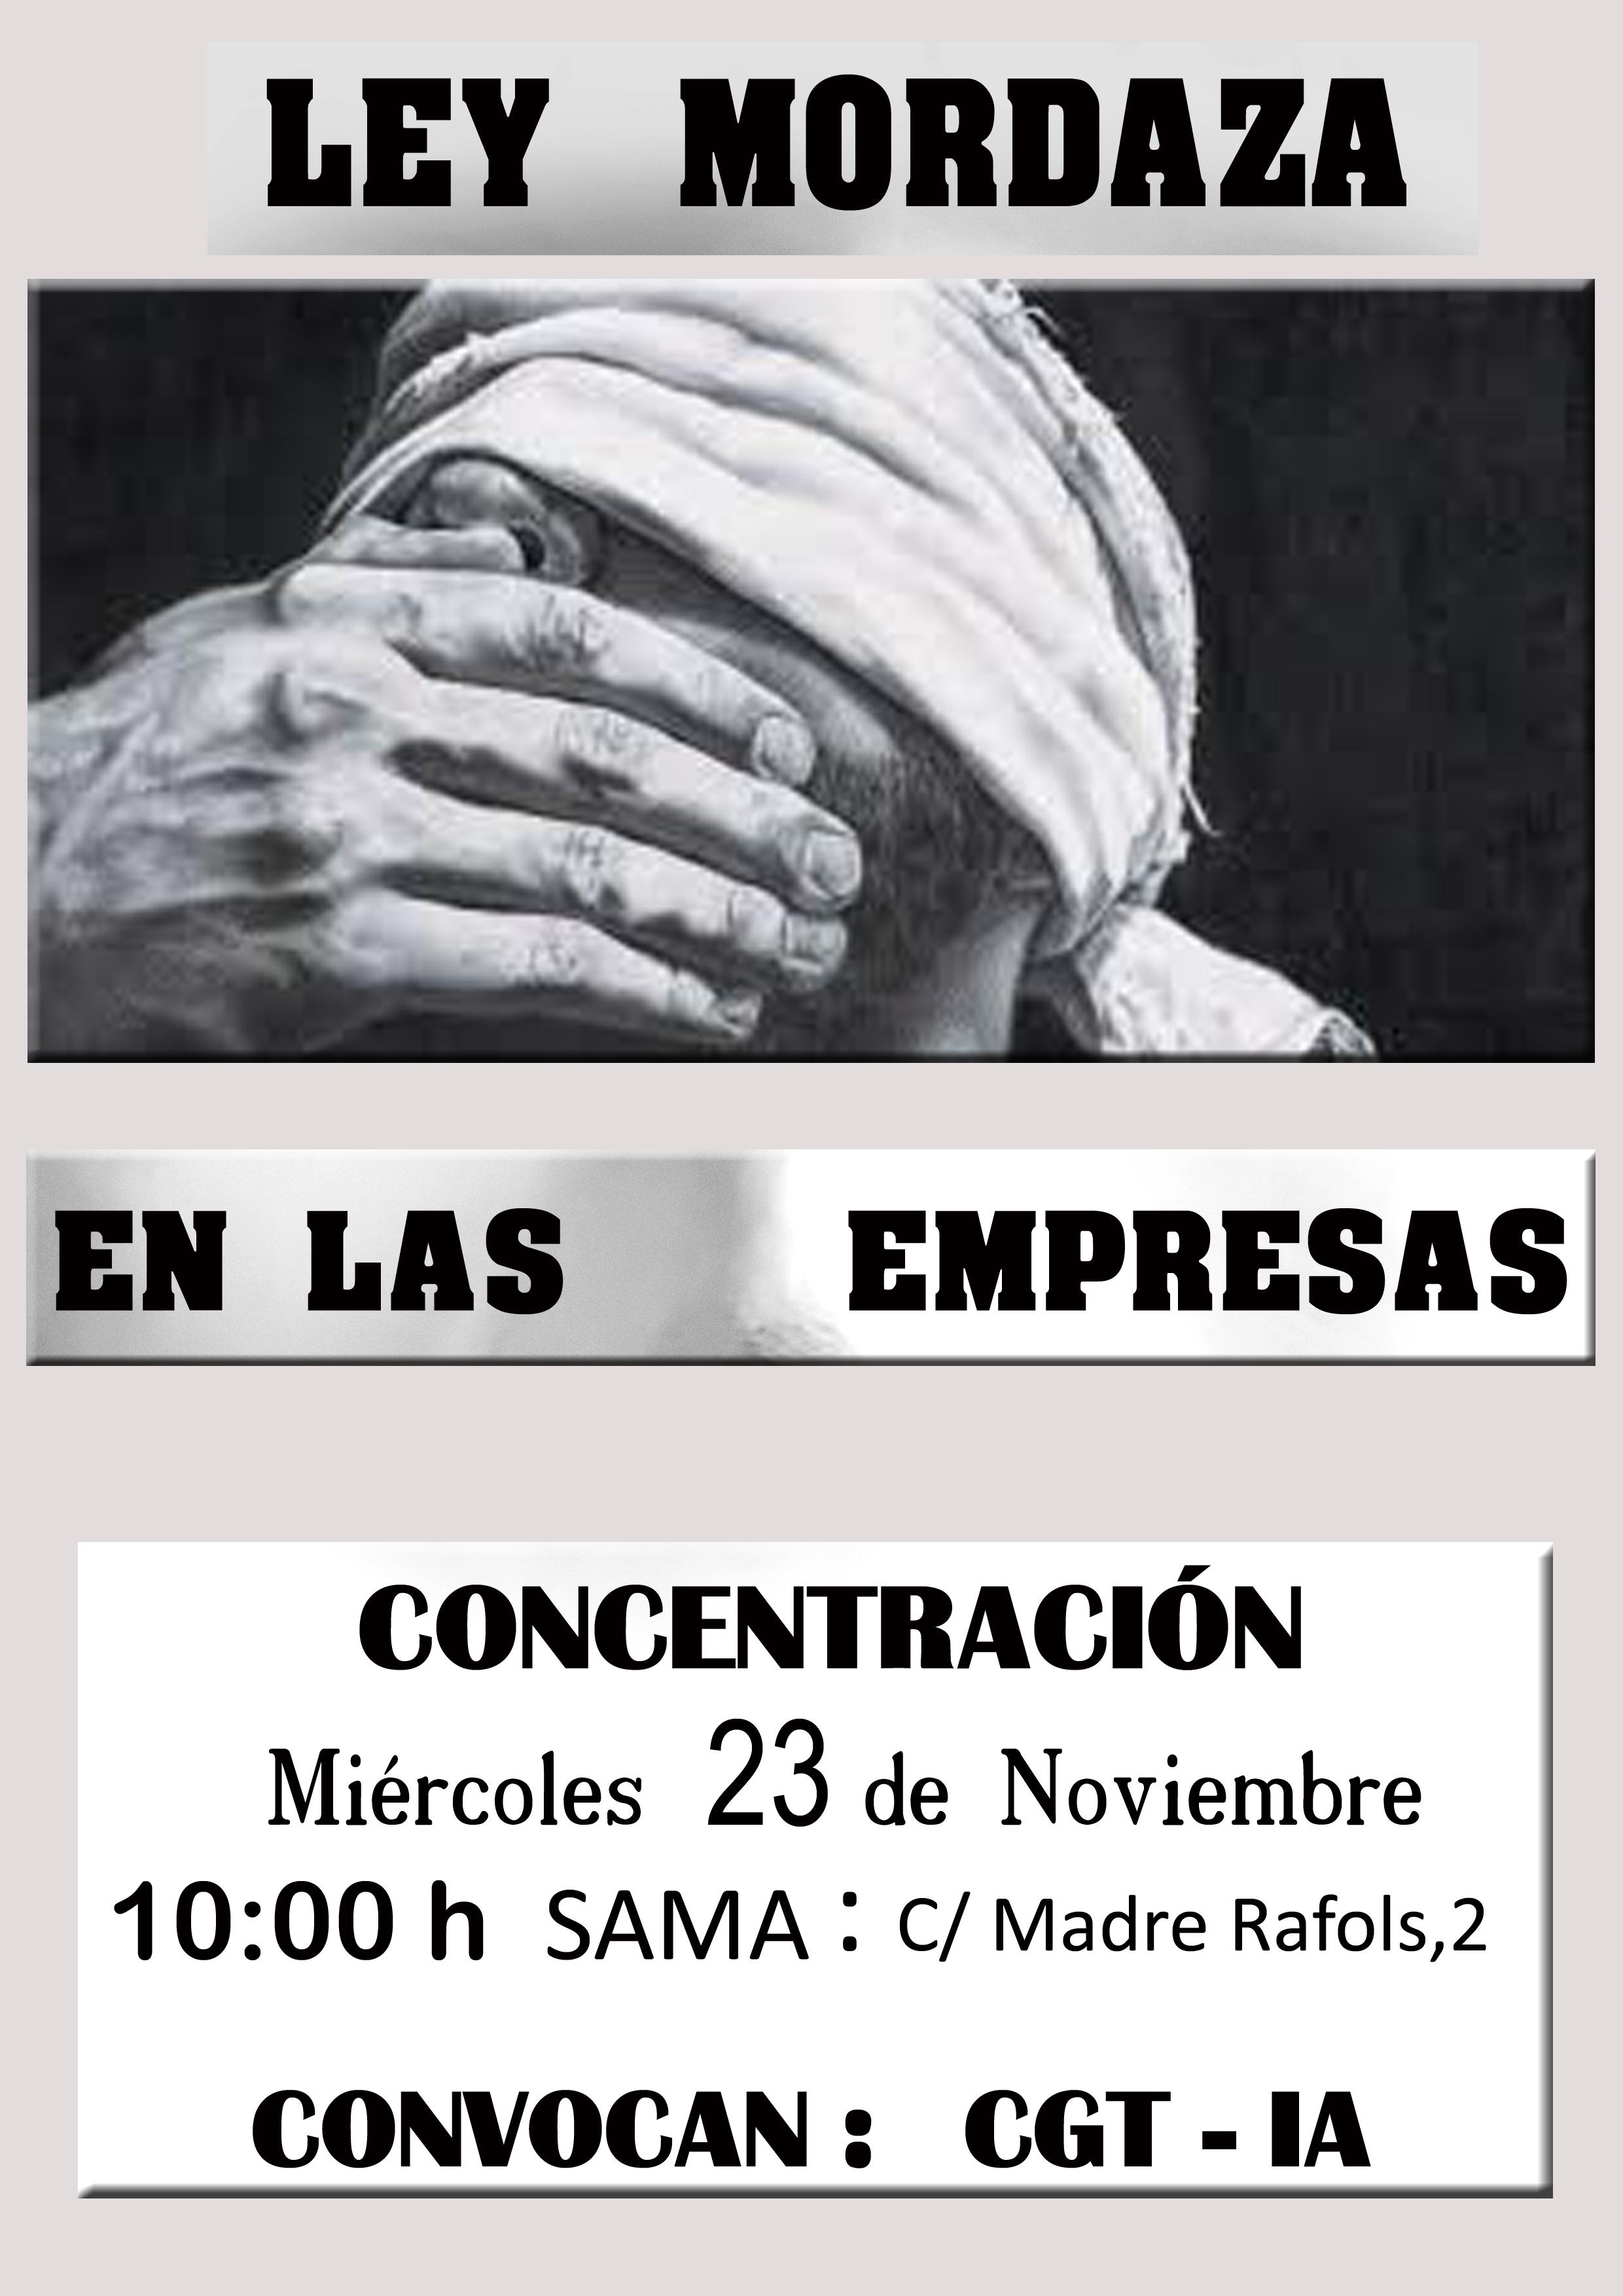 LEY MORDAZA EN LAS EMPRESAS. Concentración miércoles 23 de Noviembre en el SAMA.